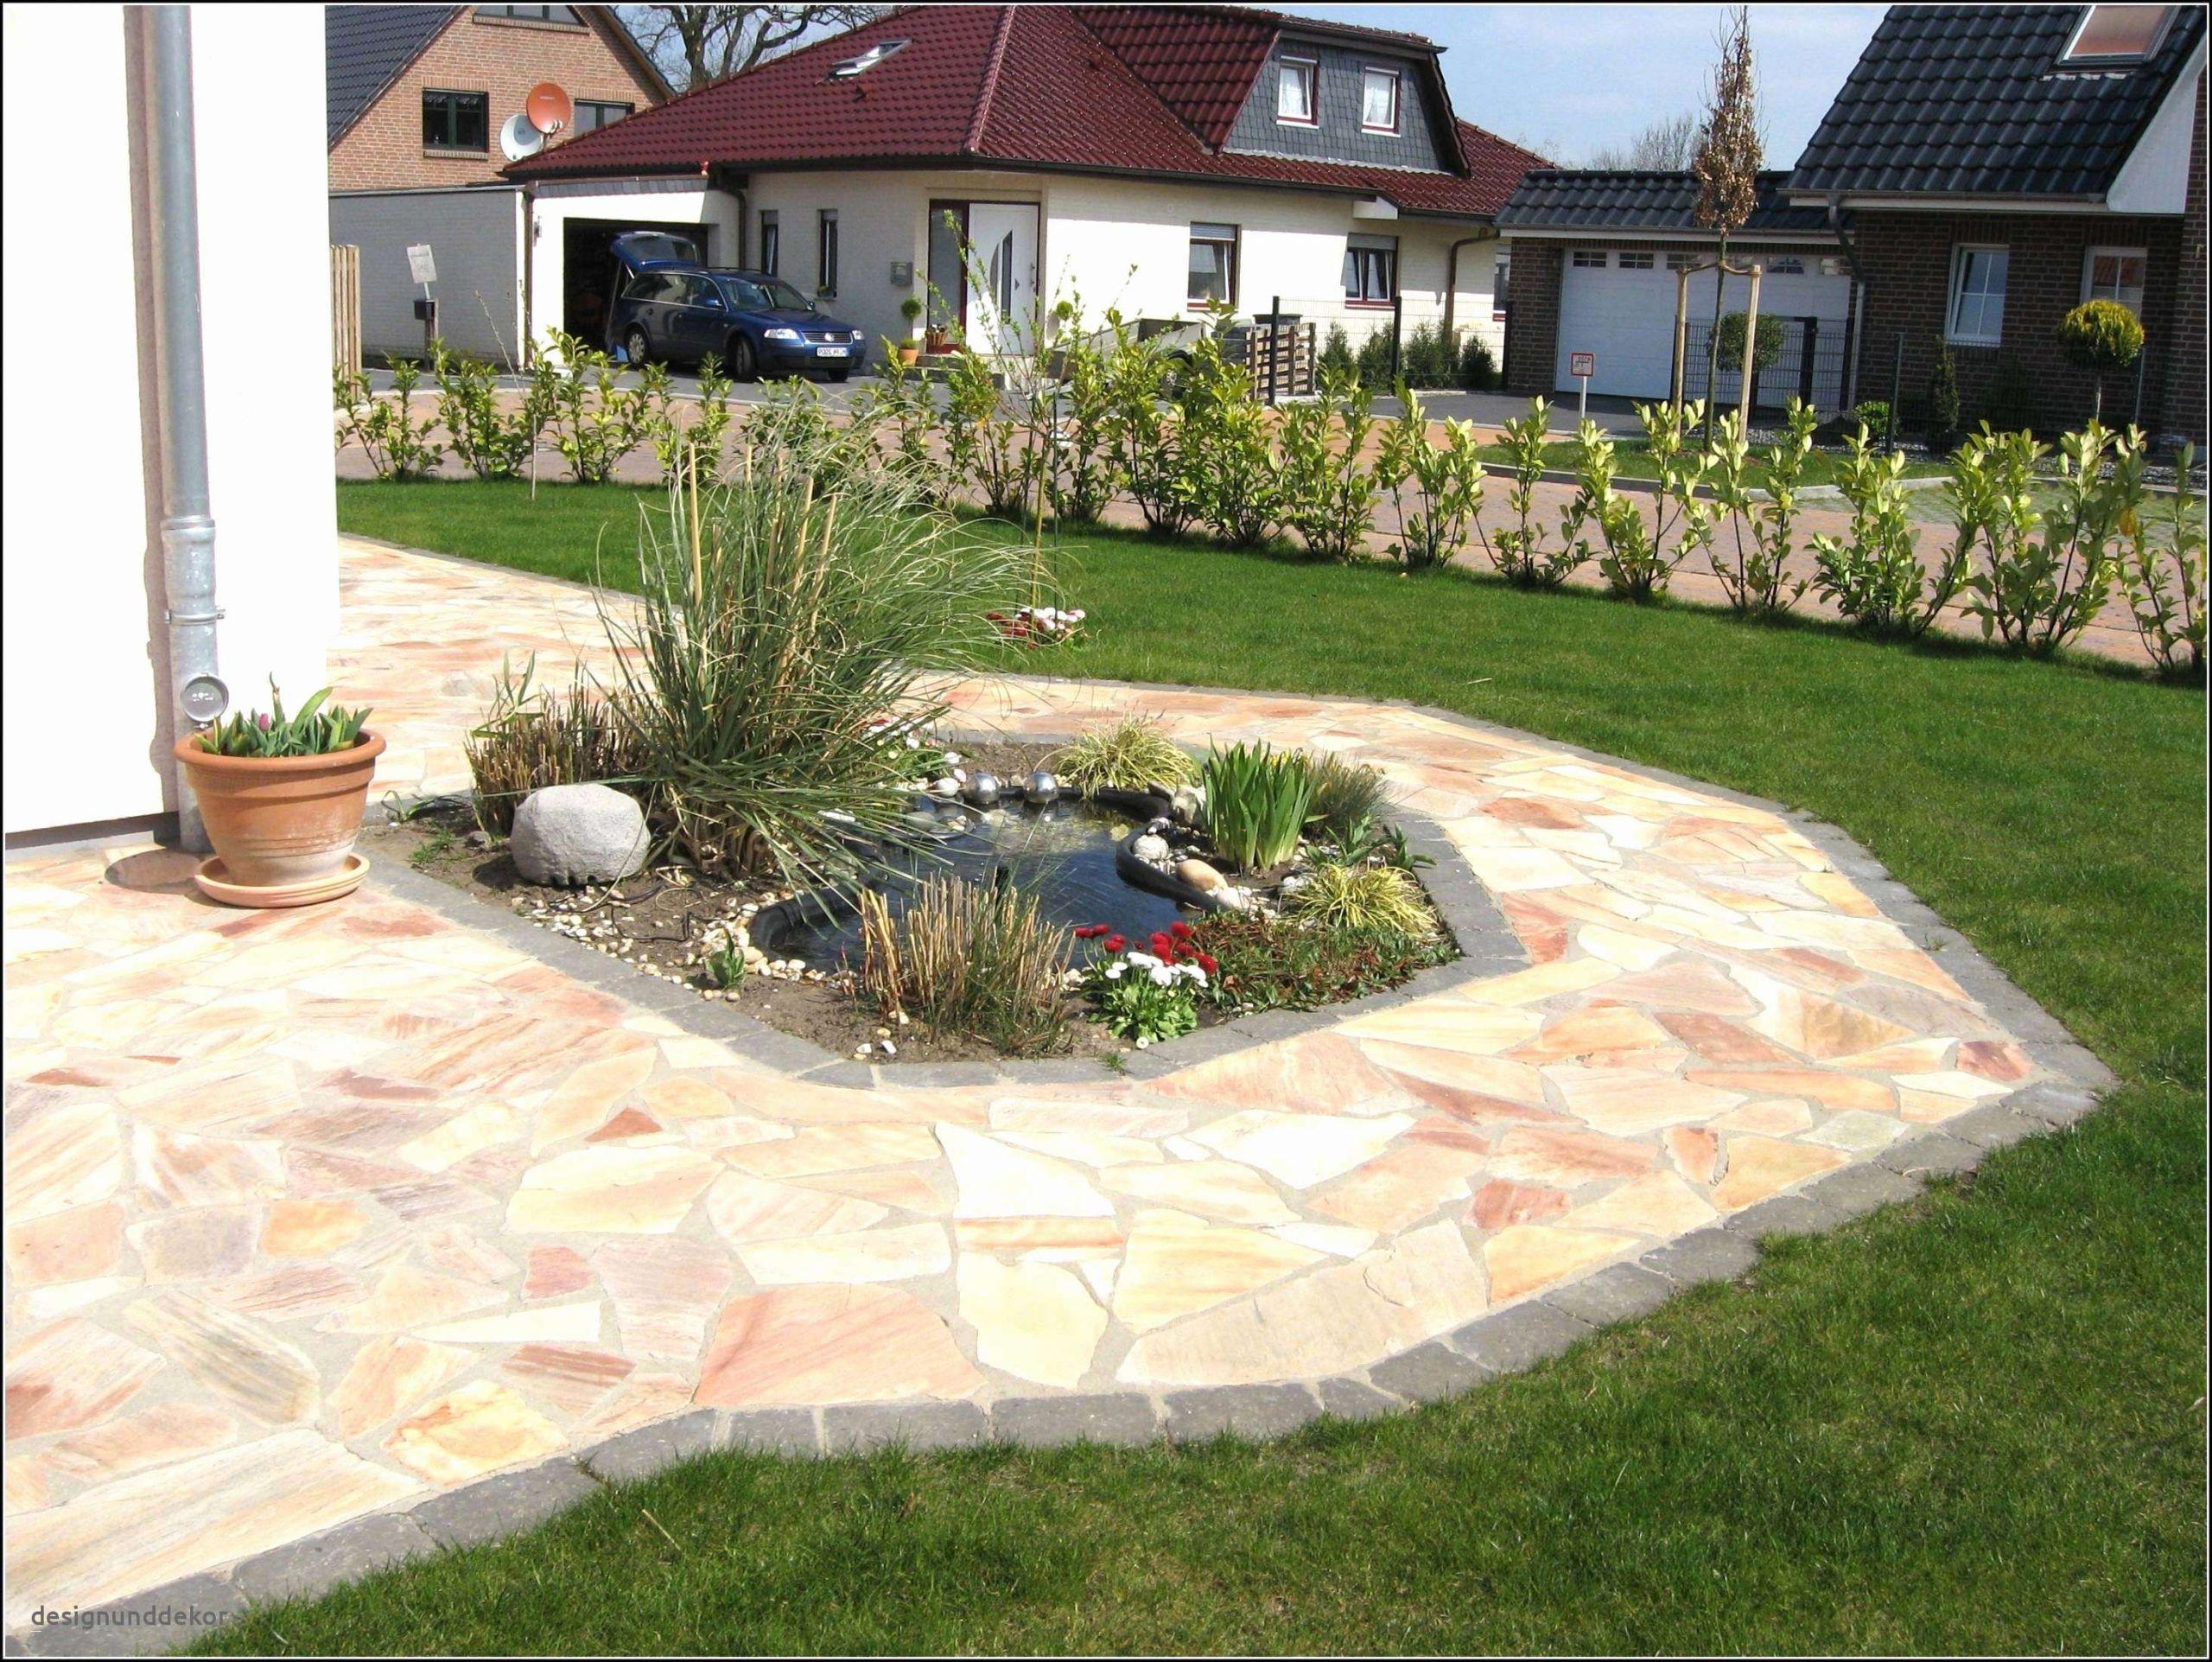 Gartengestaltung Sichtschutz Beispiele Genial 71 Luxus Garten Sichtschutz Ideen